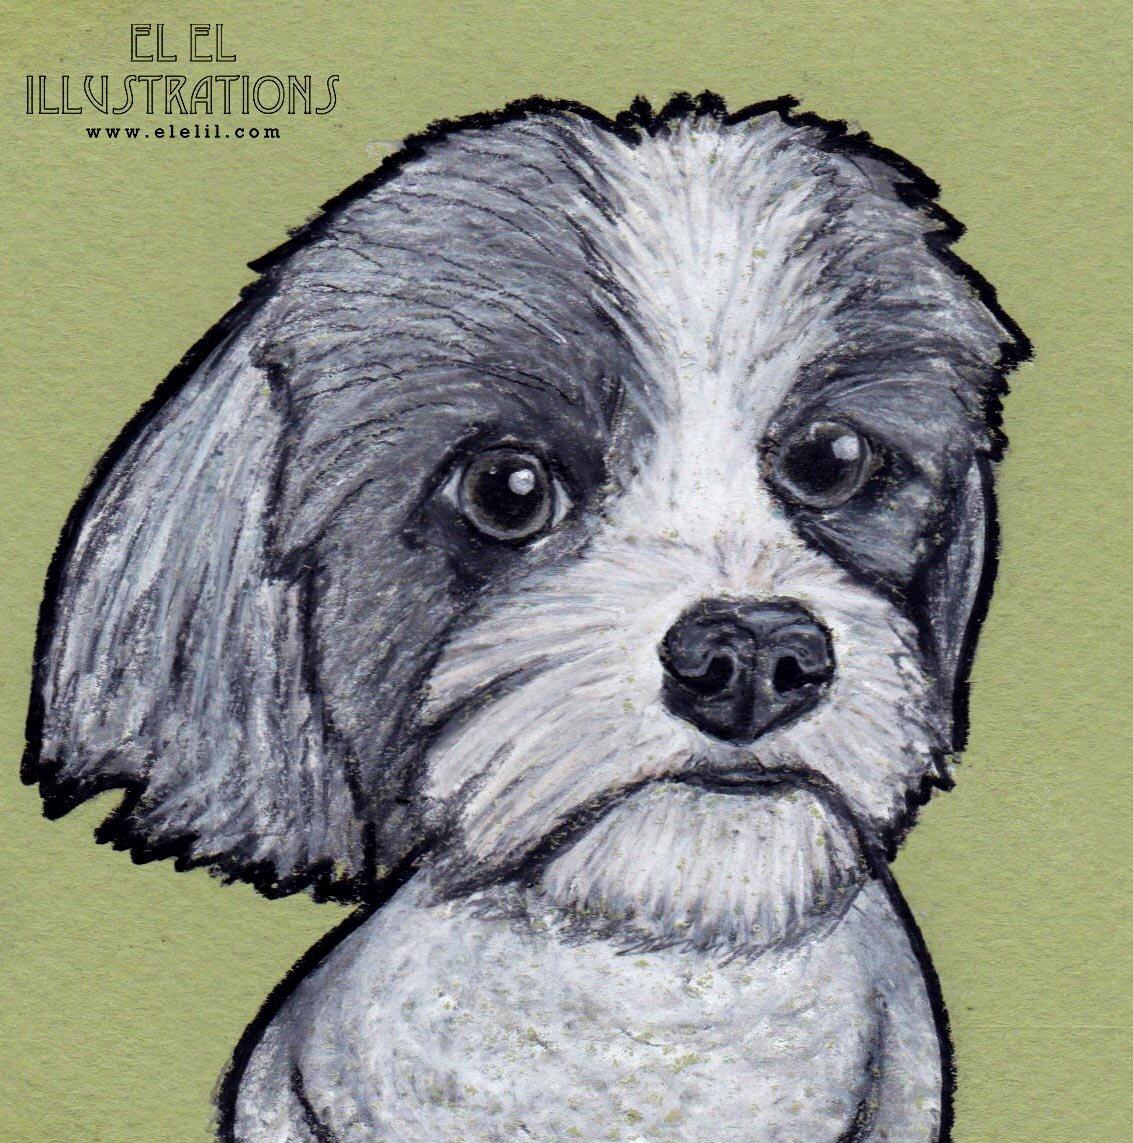 4x4_dog_victor_wm.jpg